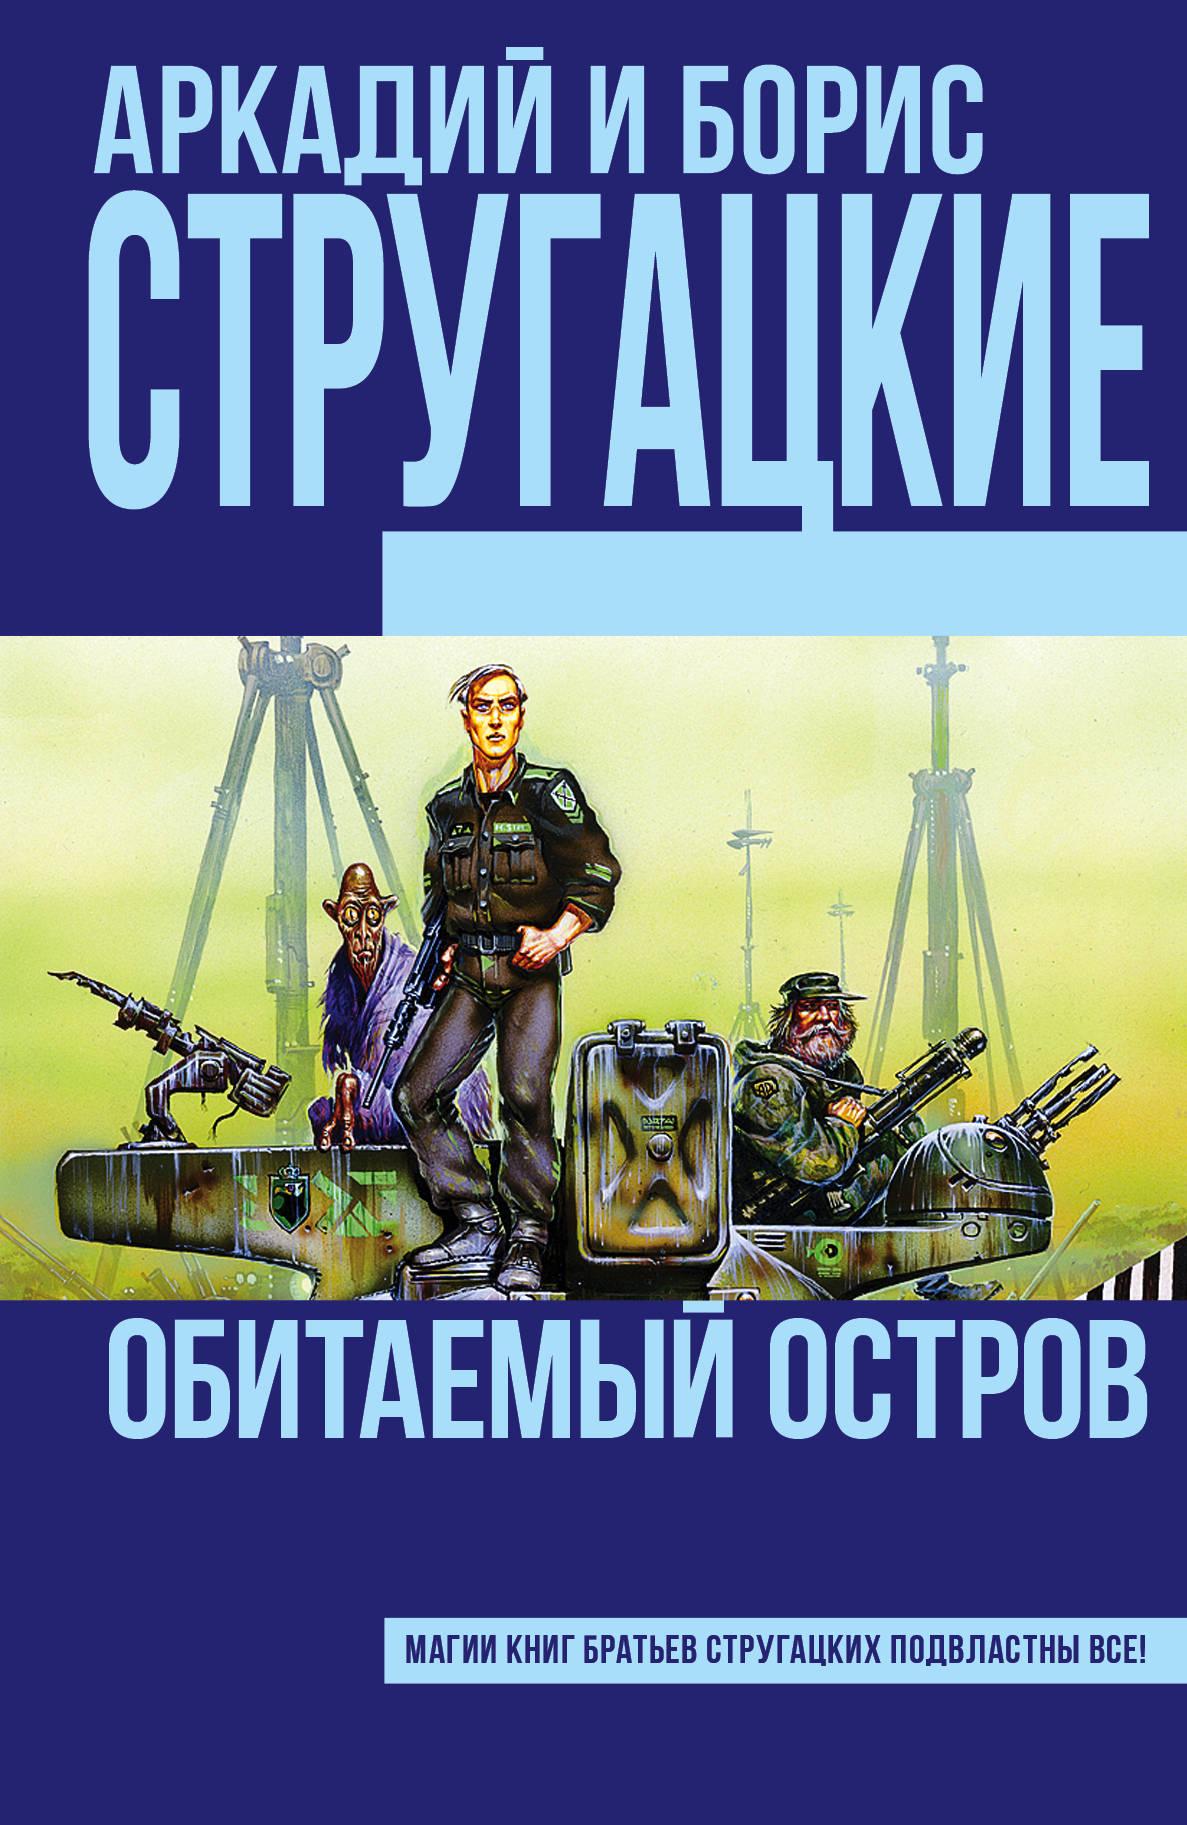 Обитаемый остров. Аркадий Стругацкий, Борис Стругацкий